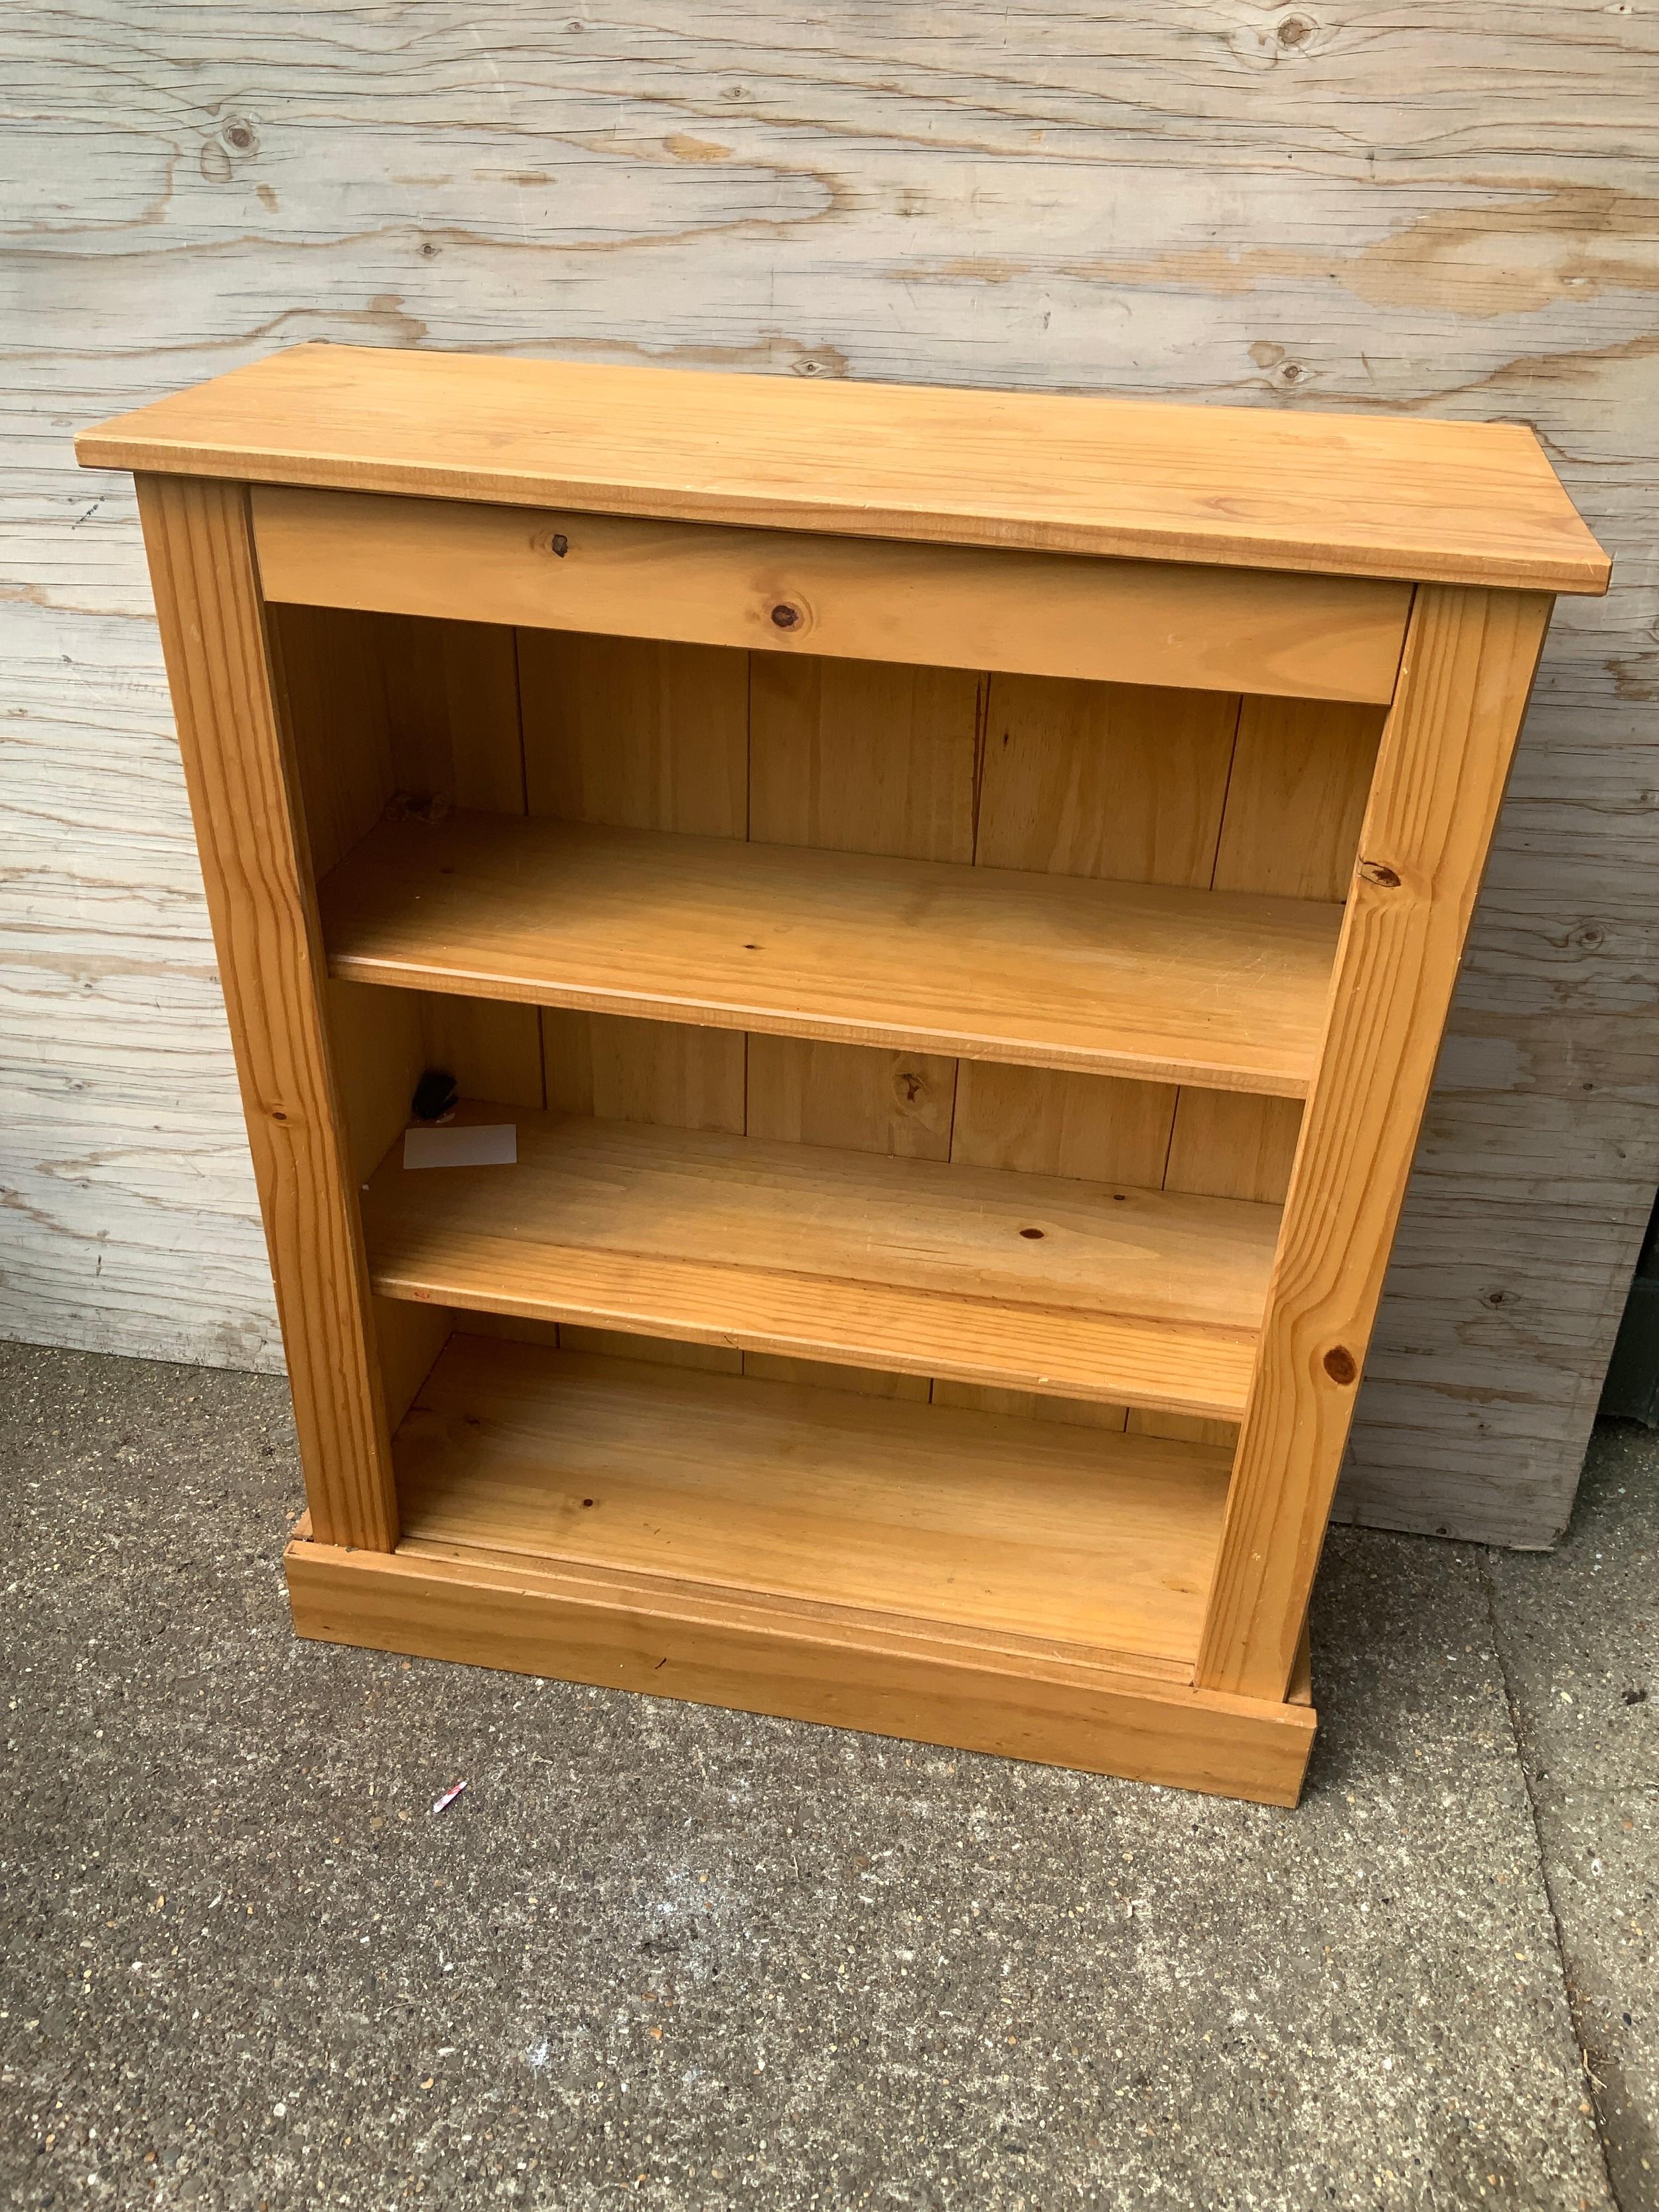 Pine Bookshelves - 78cm W